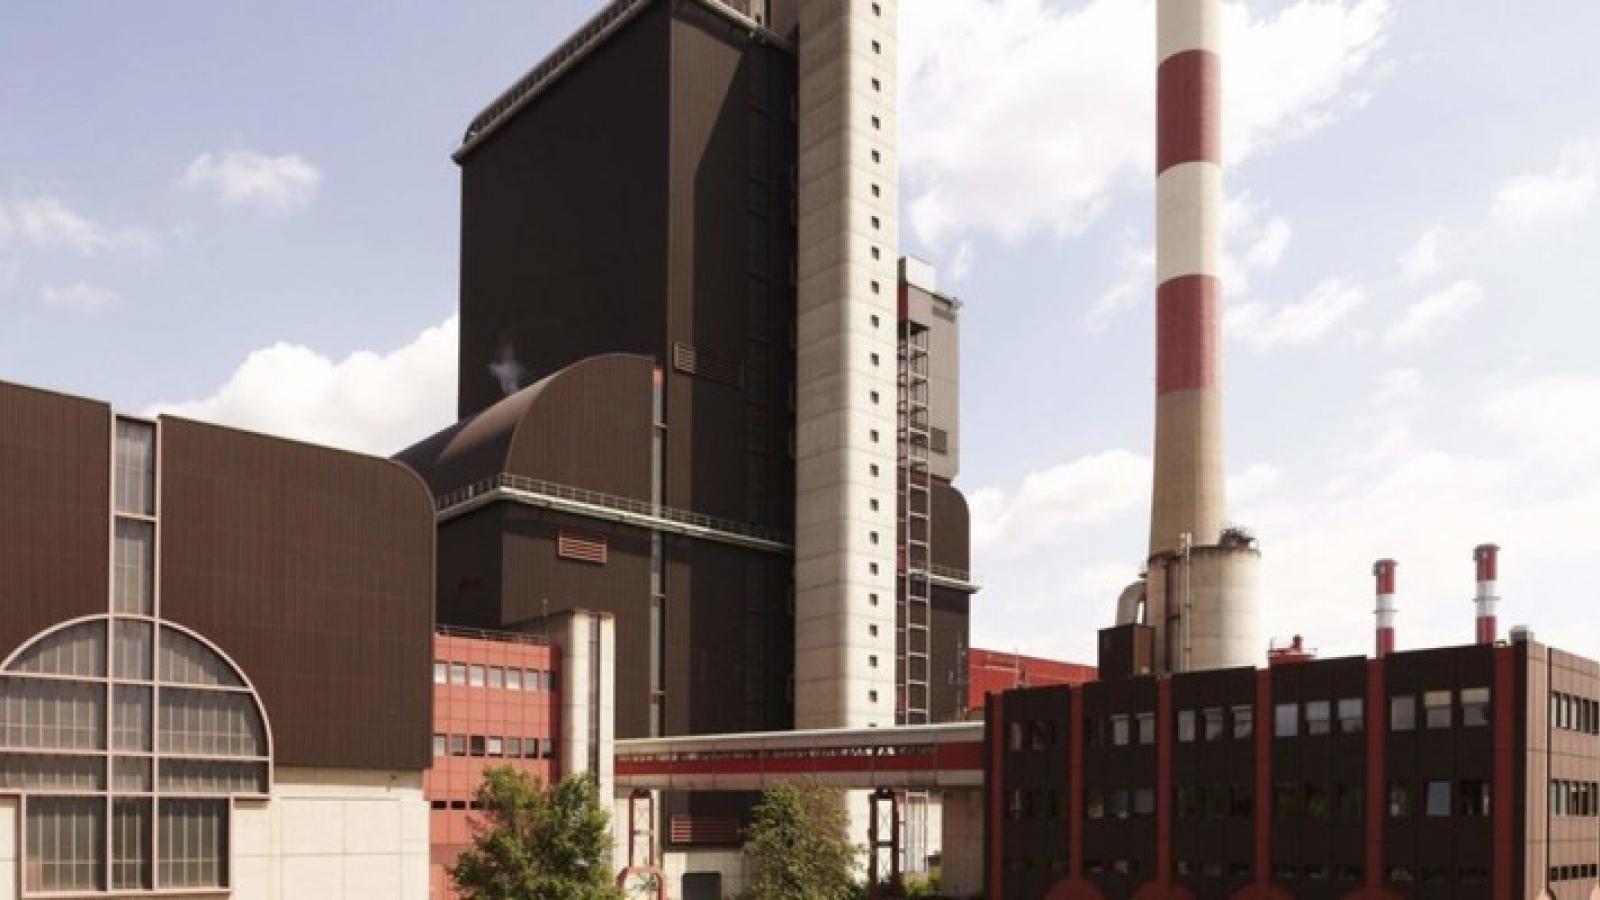 Áo đóng cửa nhà máy nhiệt điện than cuối cùng, tồn tại 34 năm